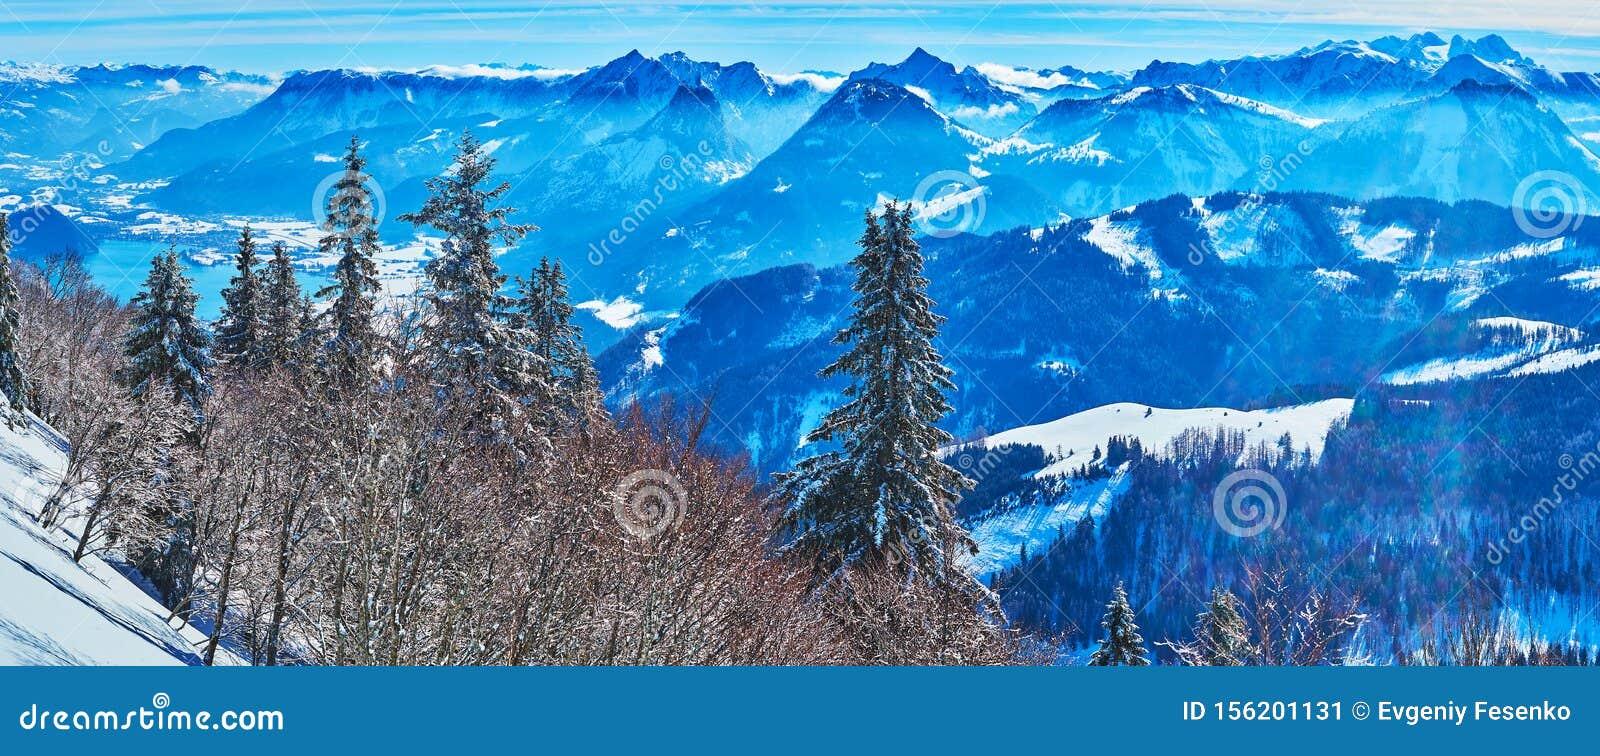 Panorama of Salzkammergut Alps from Zwolferhorn, St Gilgen, Austria